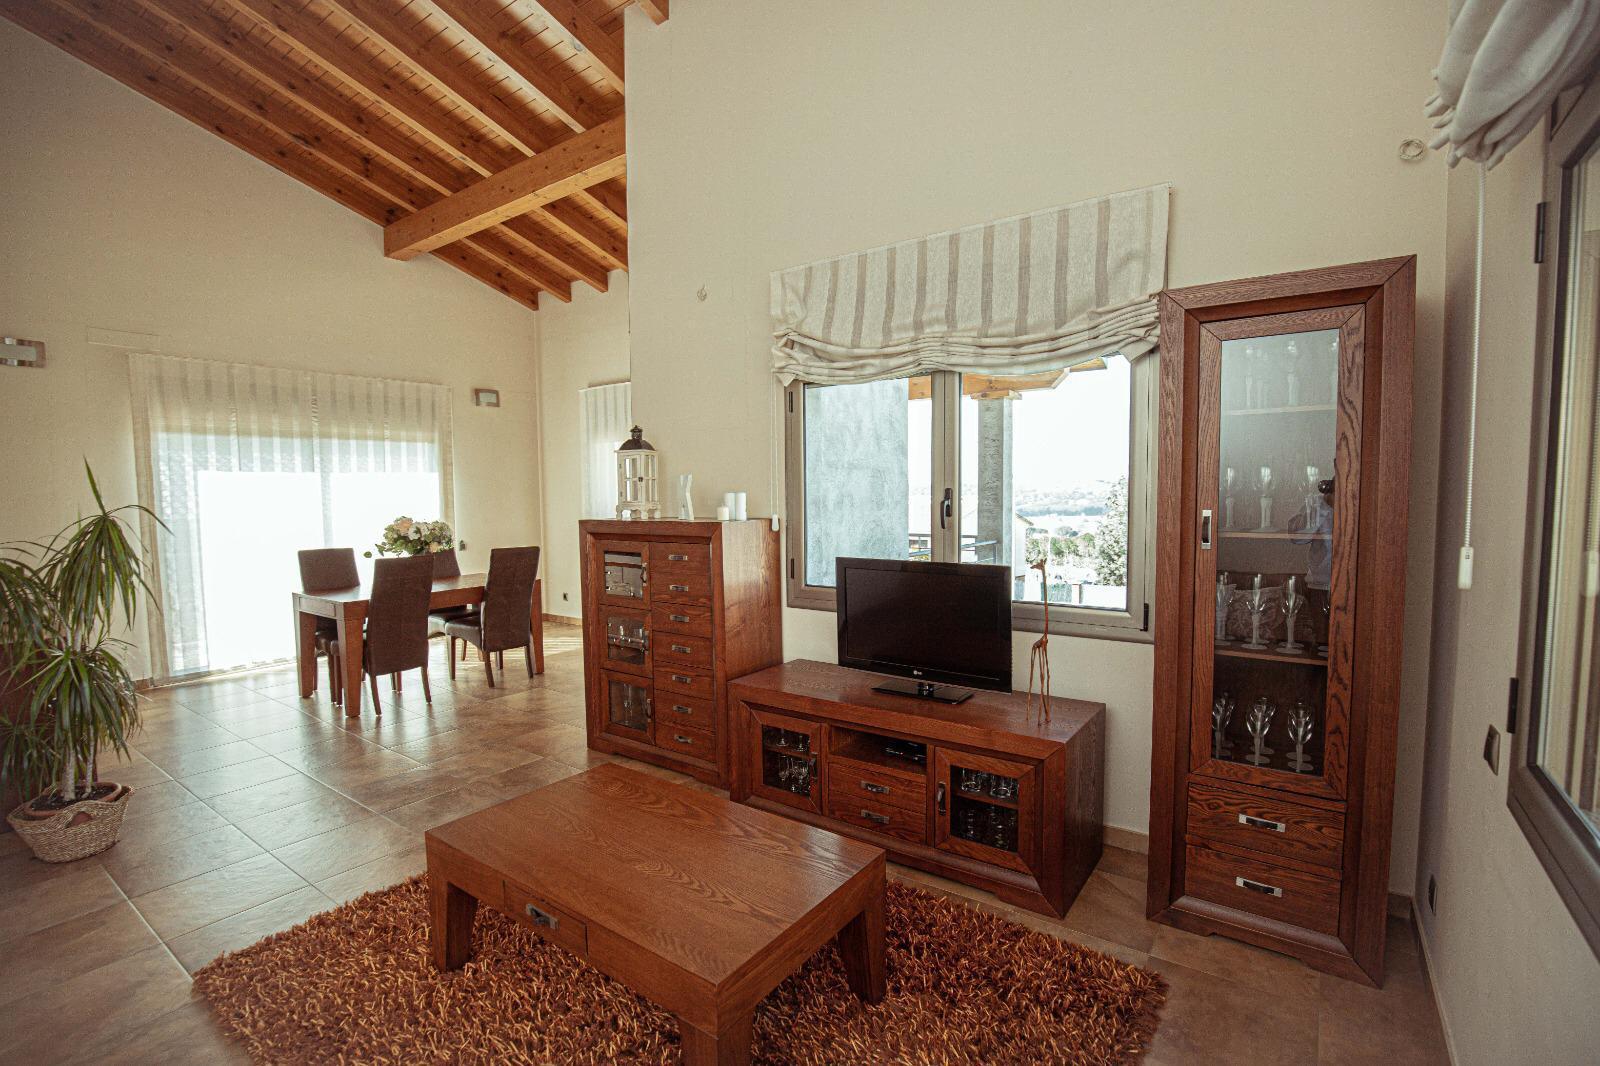 Imagen 2 Casa en venta en Santa Eulàlia De Ronçana / Santa Eulalia de Ronçana- Urb can Marques-408 m2